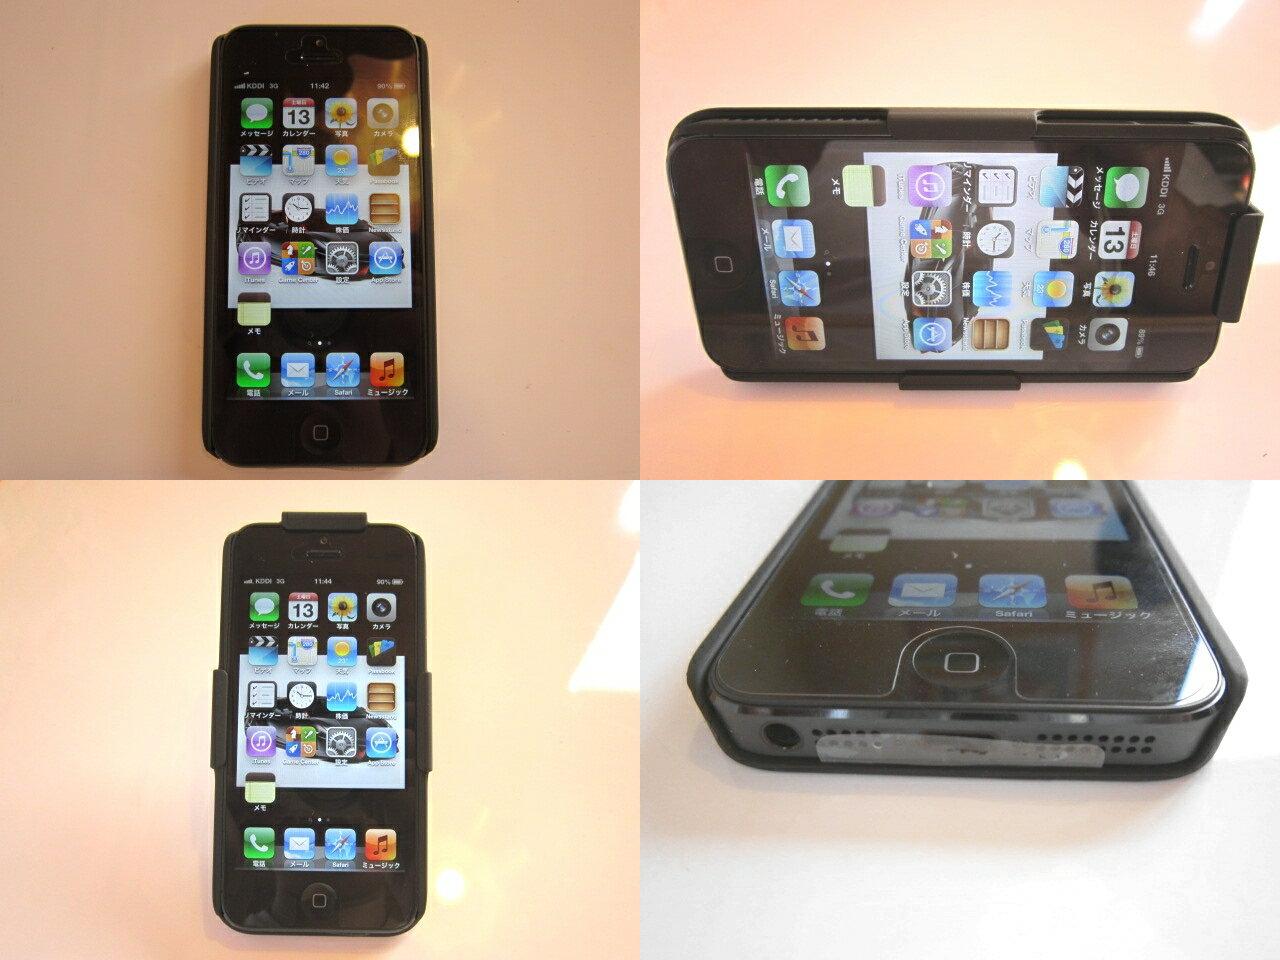 【1円】【iPhone5 カバー】【高級感】【ブラック】iPhone 5 カバー ケース お洒落 ハードタイプ 保護カバー 軽量 高級感 縦置き 横置き【衝撃価格】【1円】